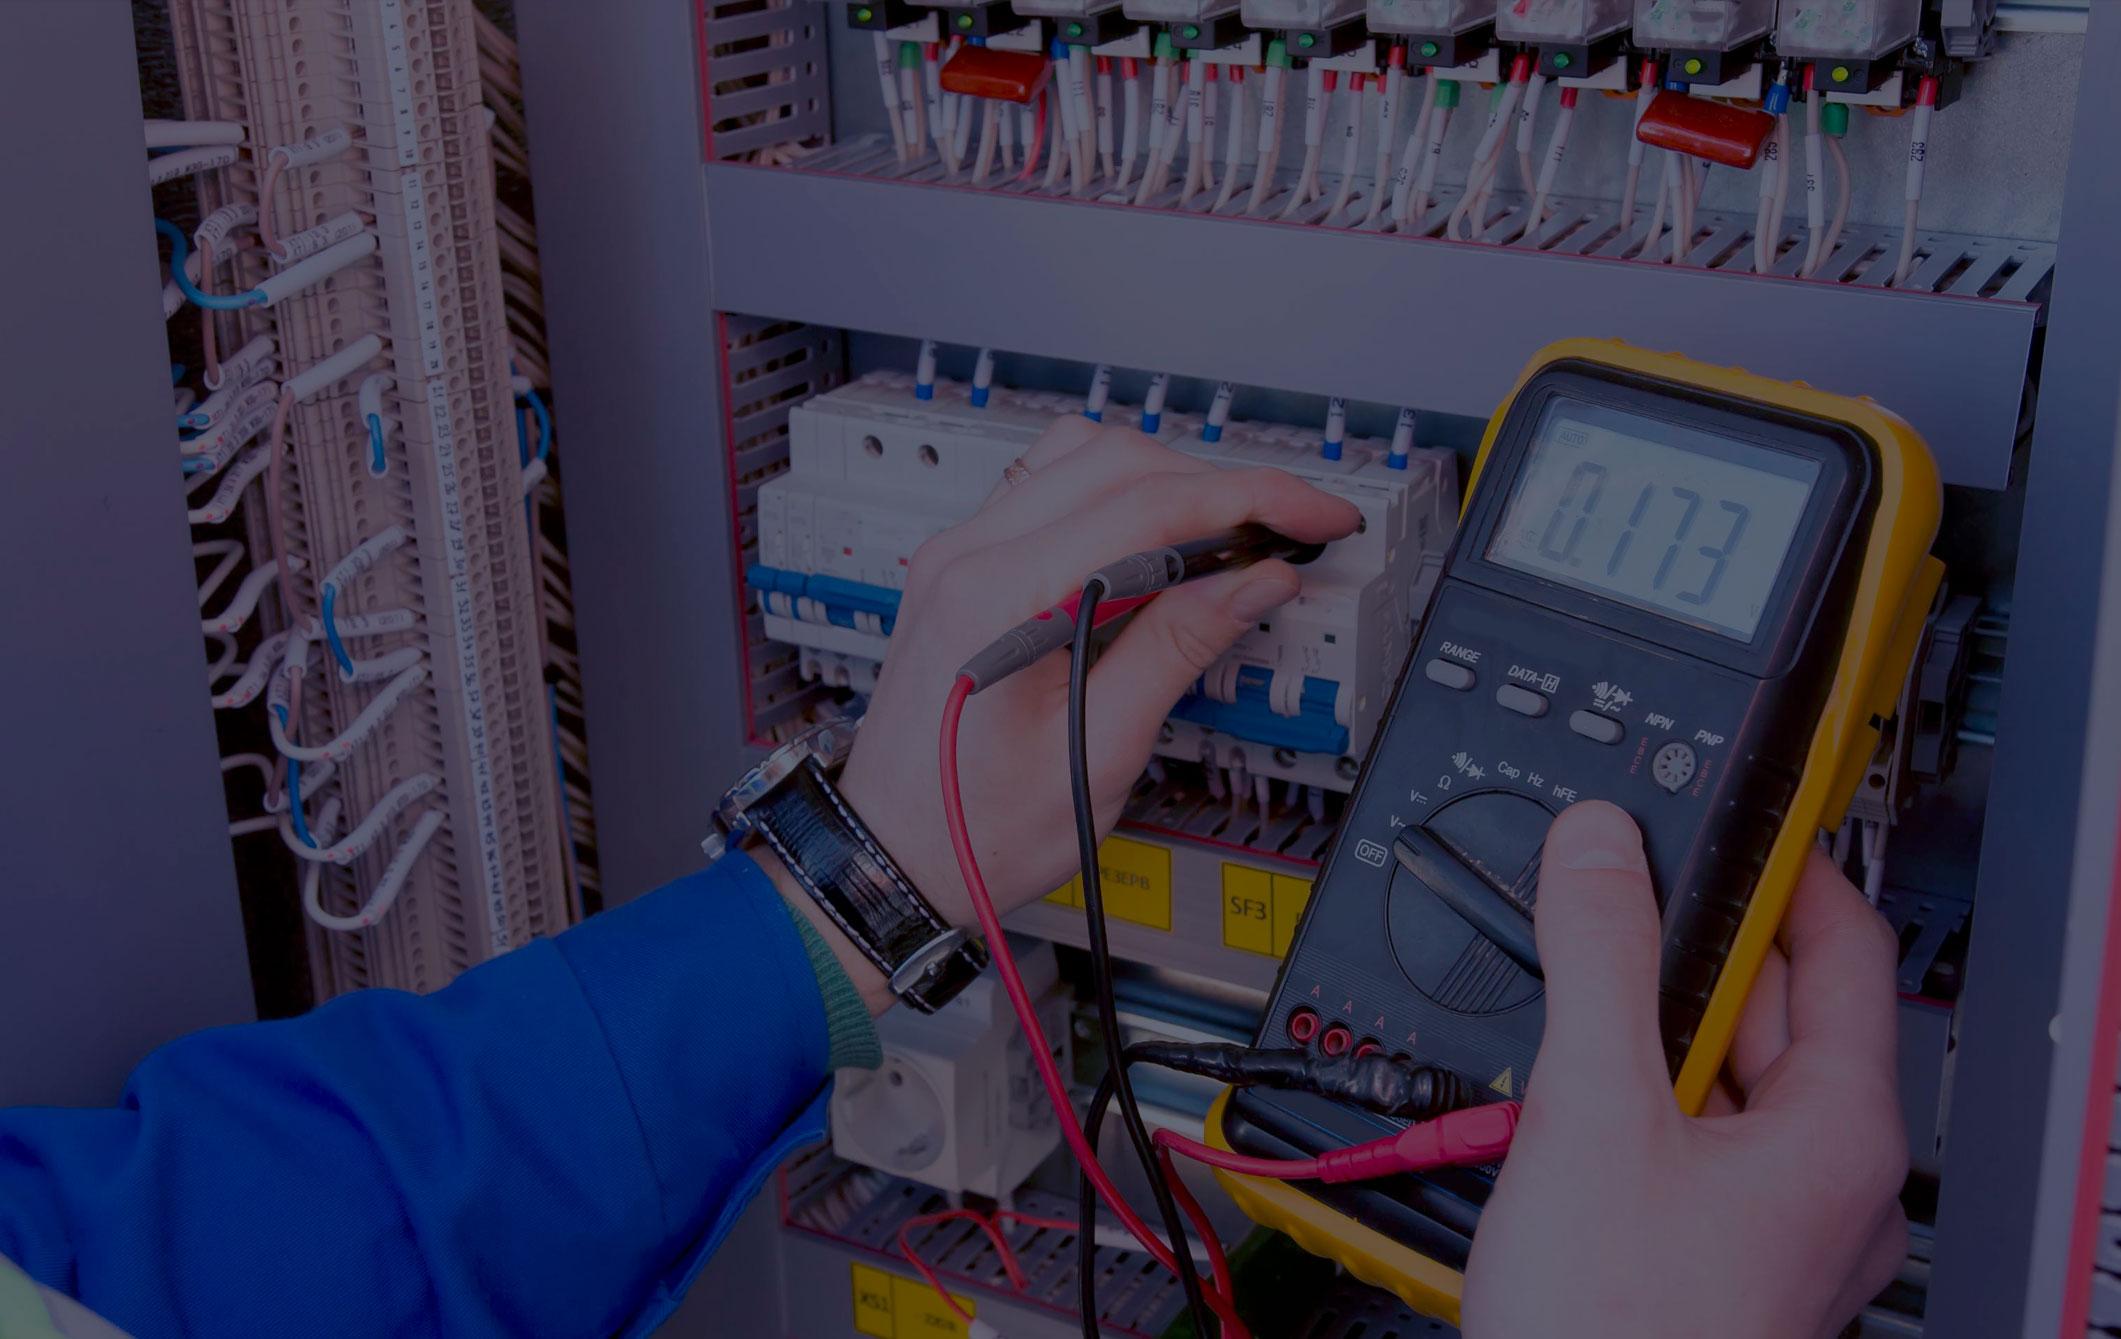 Испытание оборудования повышенным напряжением, обслуживание устройств РЗиА